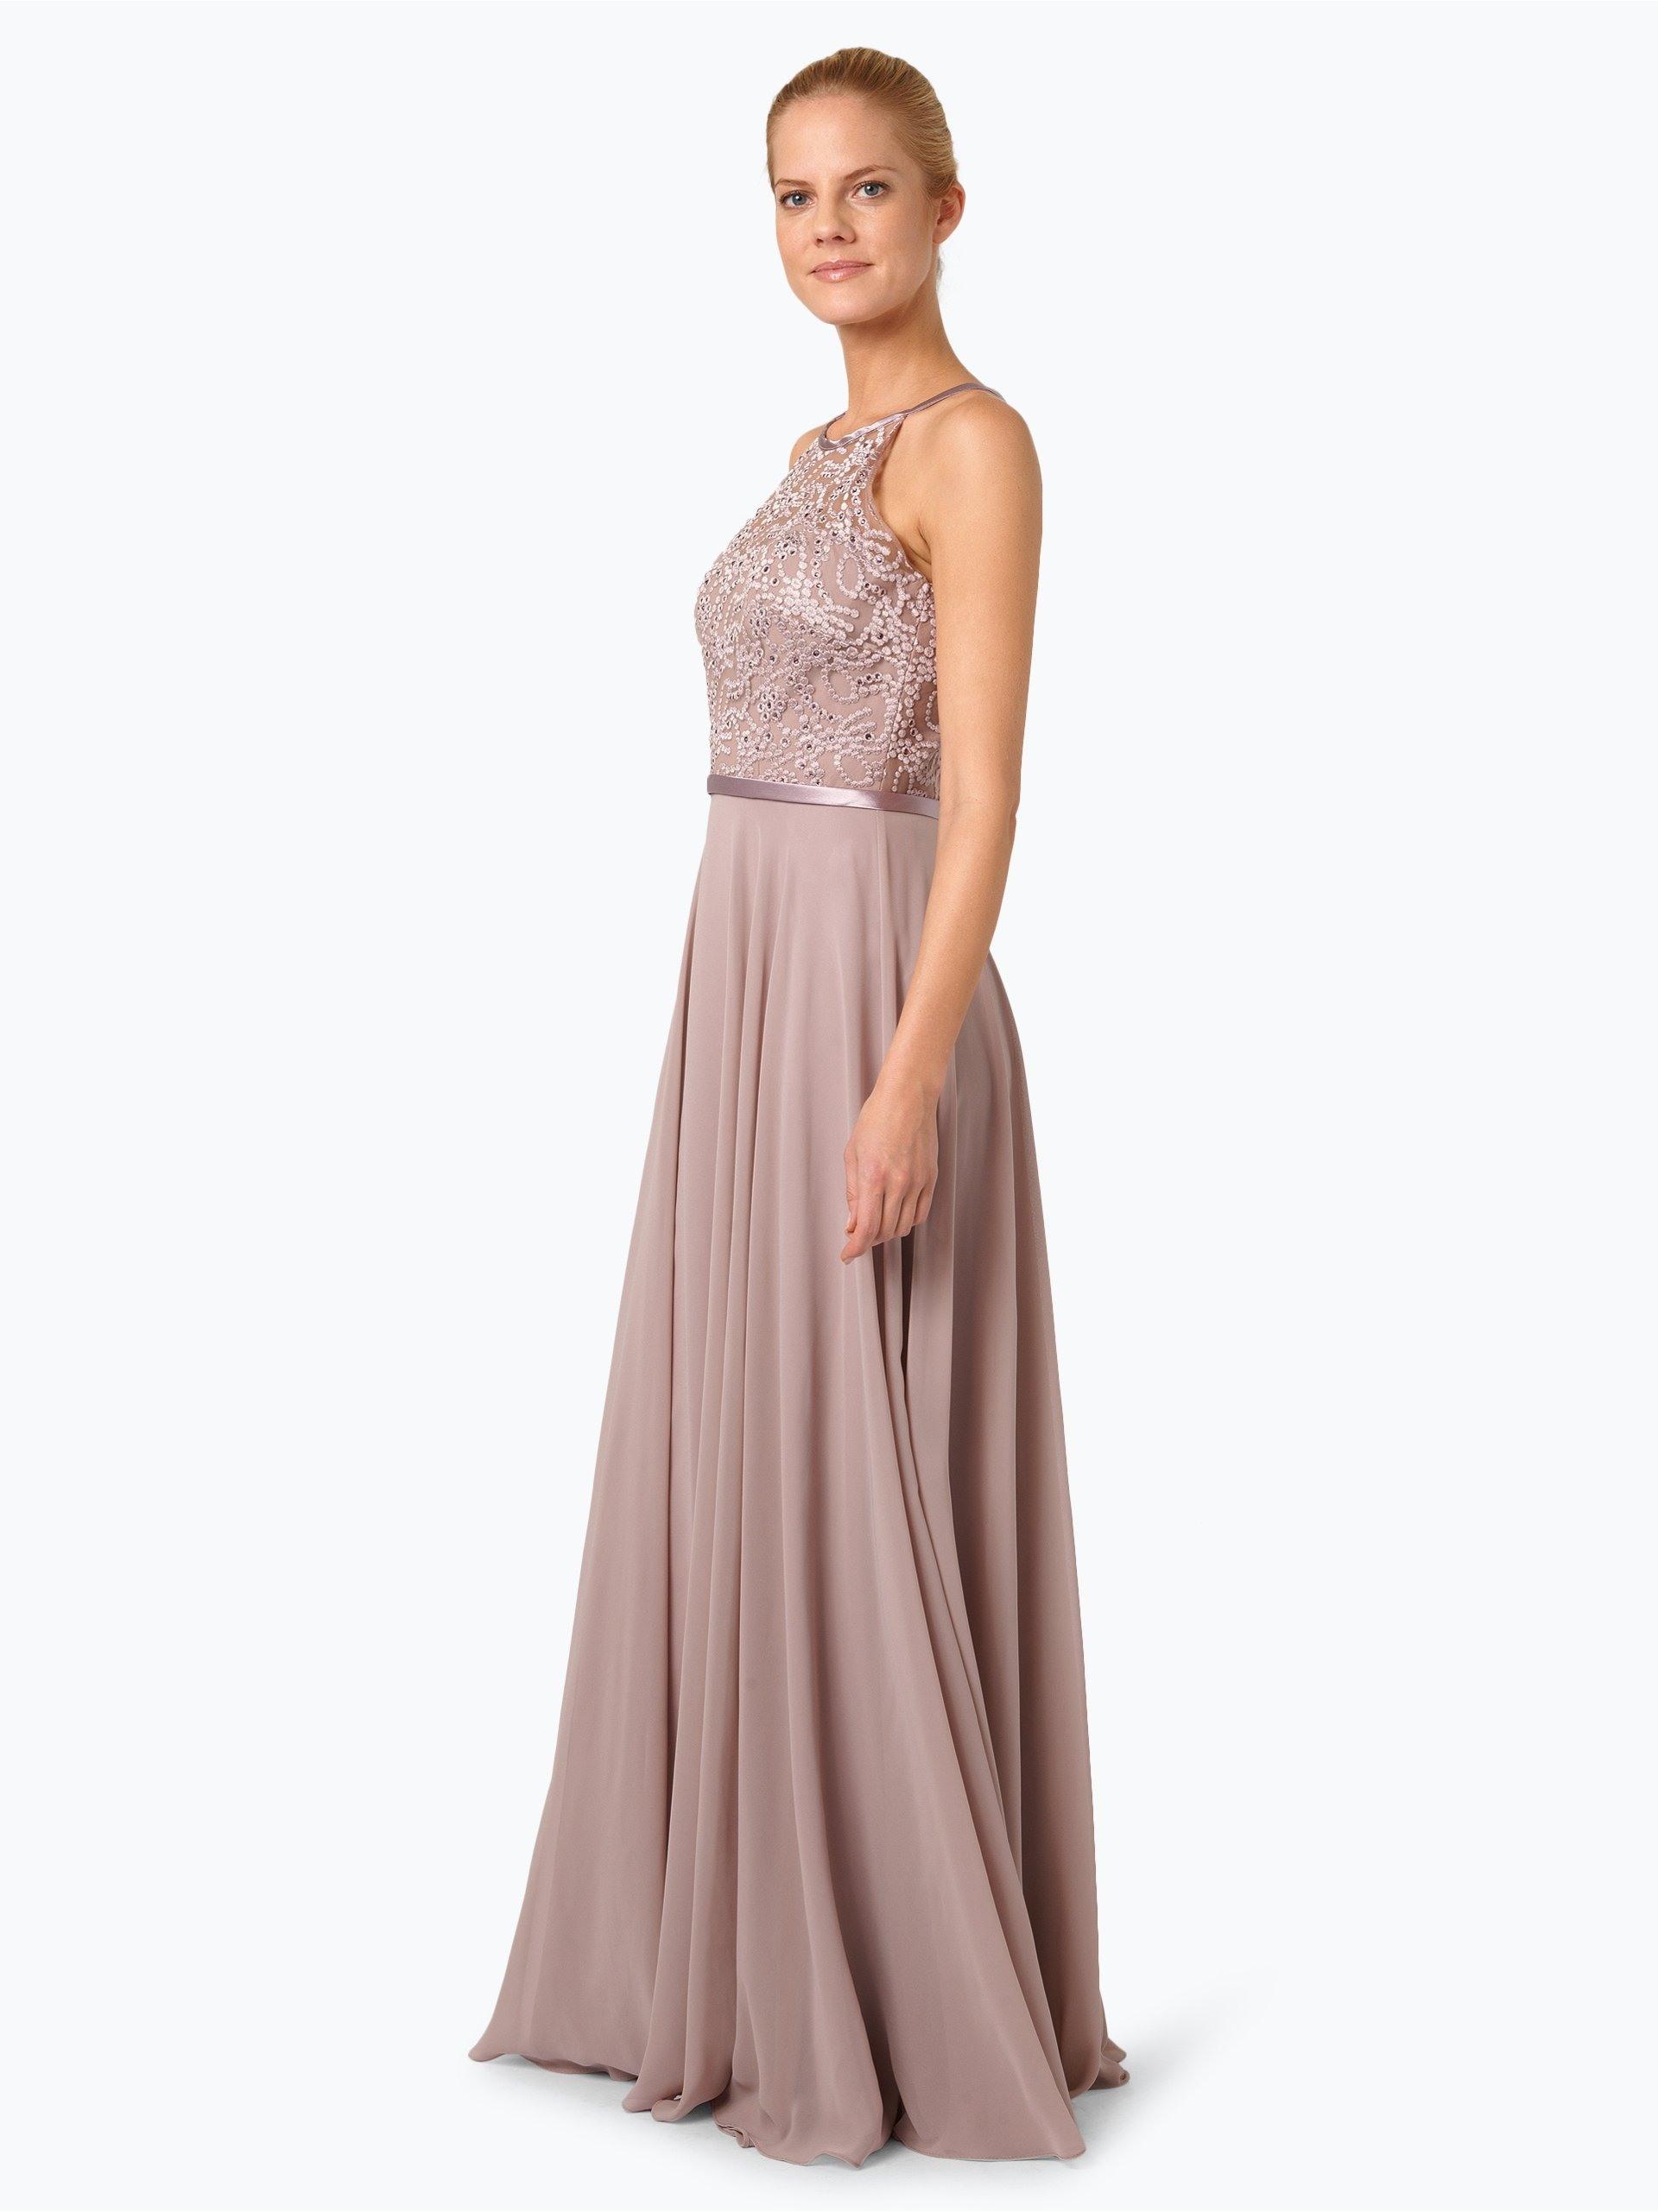 10 Elegant Abendkleid Taupe Design15 Ausgezeichnet Abendkleid Taupe Galerie